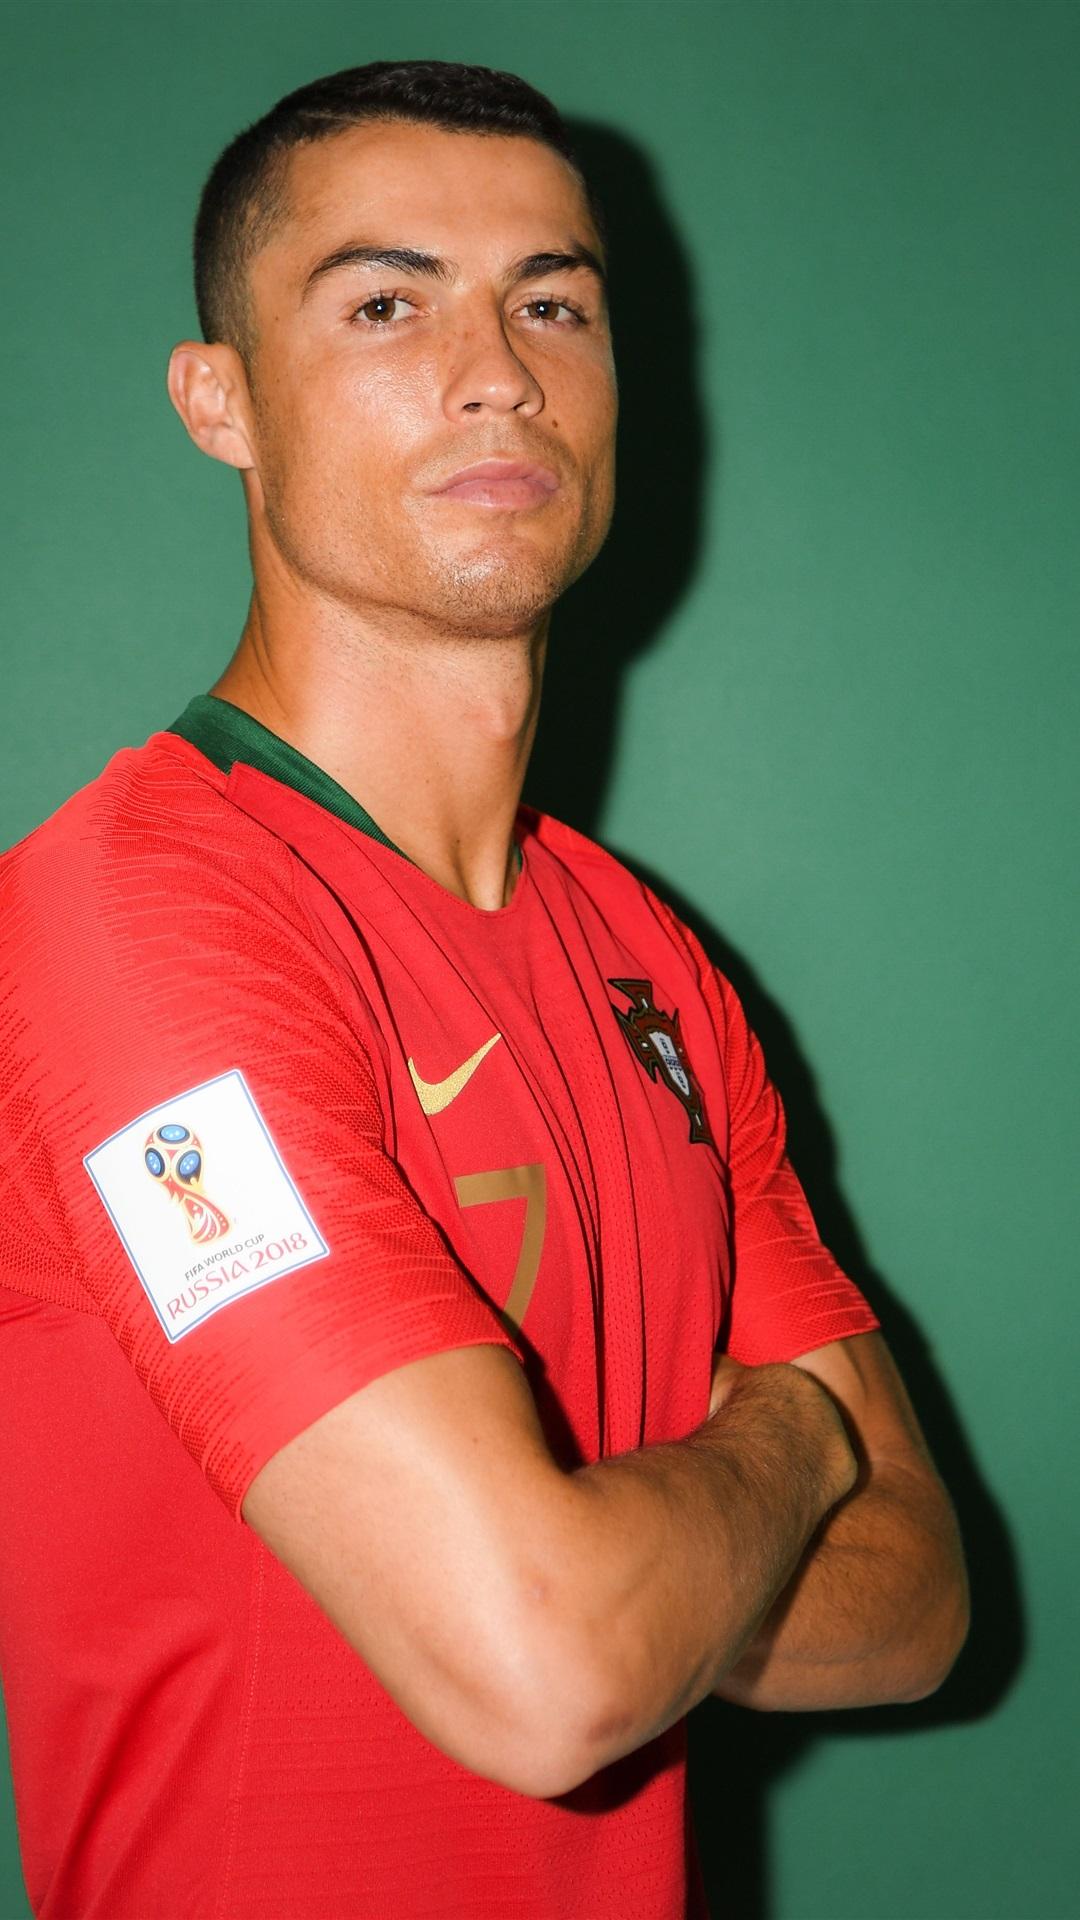 Cristiano Ronaldo Rusia 2018 Copa Mundial De La Fifa